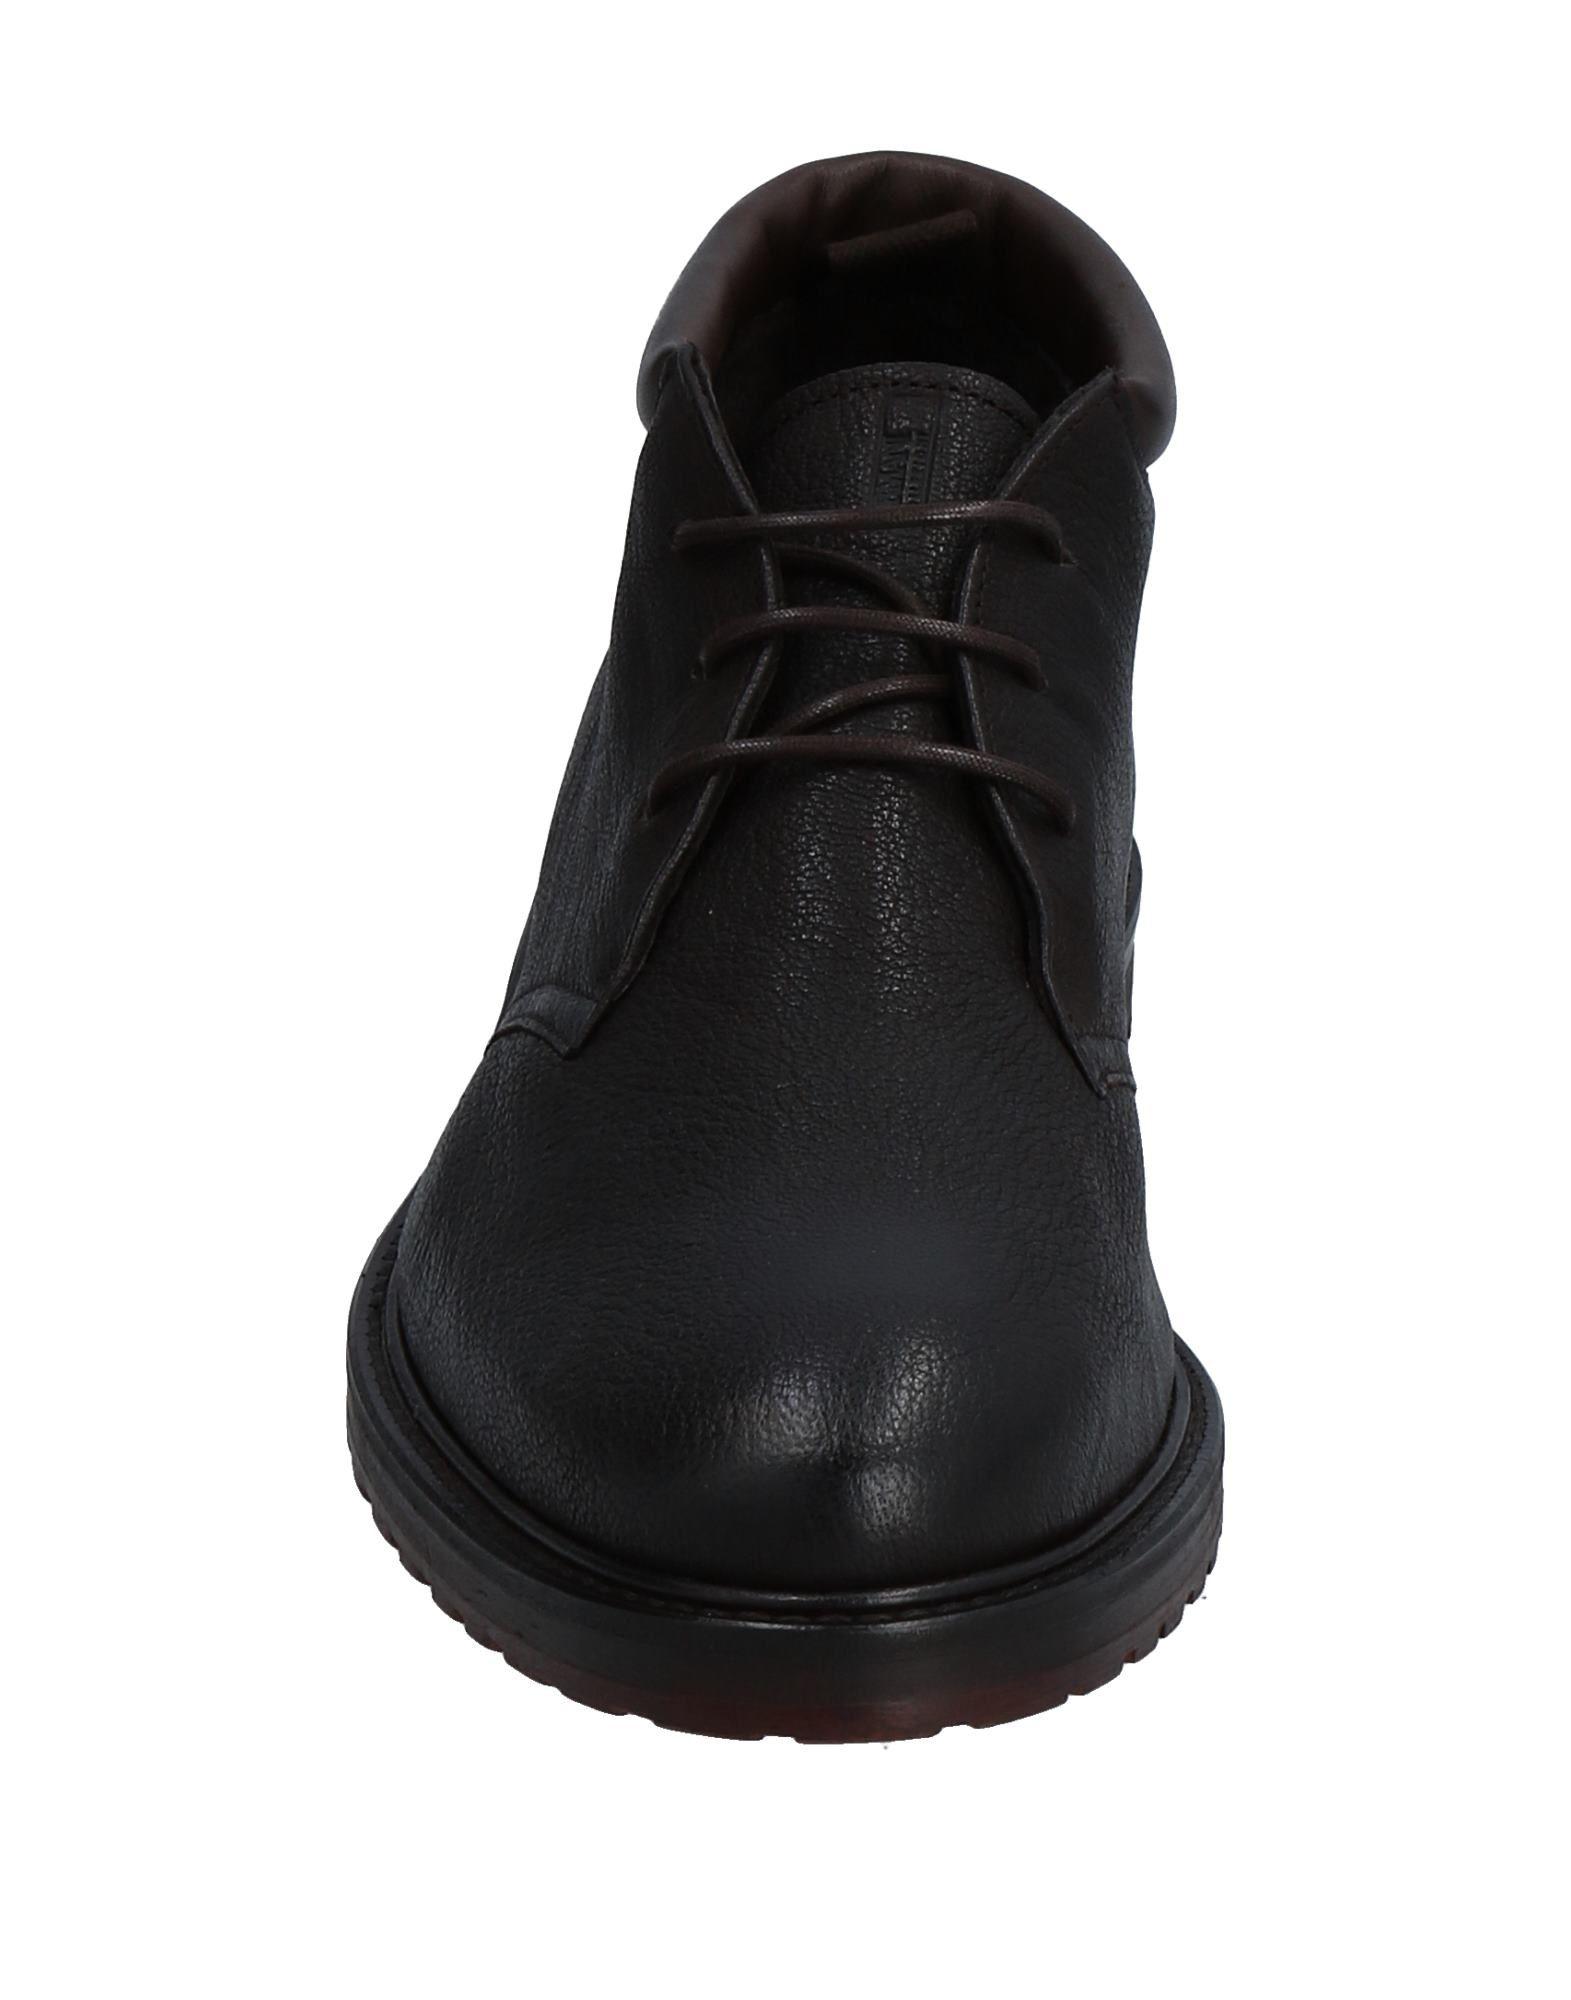 Armani Collezioni Stiefelette Stiefelette Collezioni Herren  11519622HI Neue Schuhe 6b6275